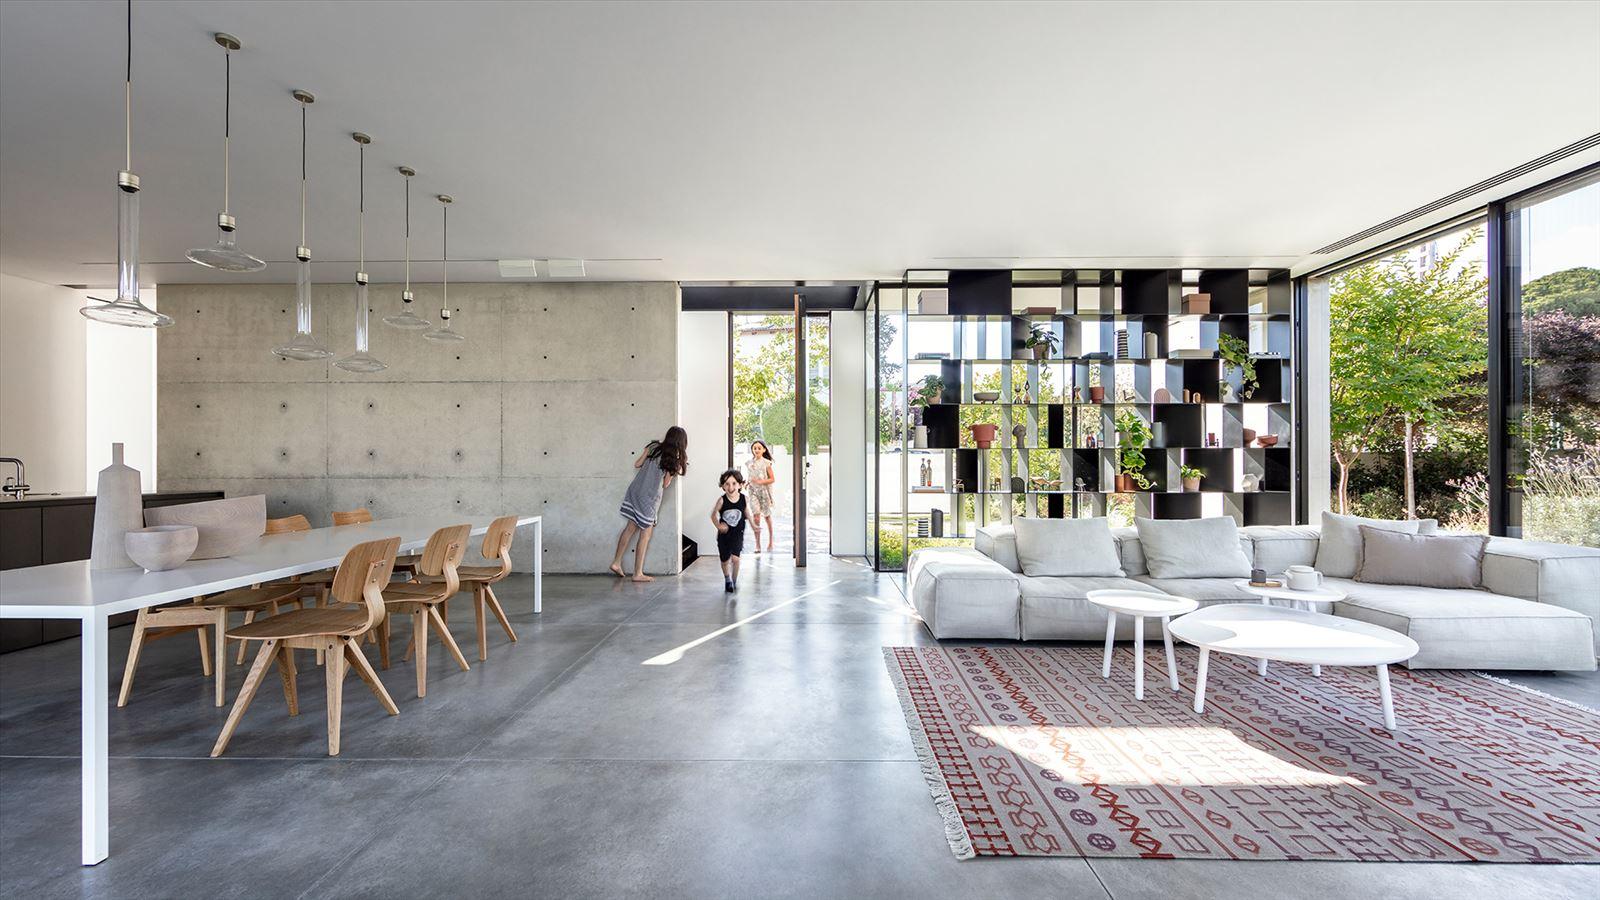 בית פרטי במרכז הארץ - פרוייקט תאורה דורי קמחי